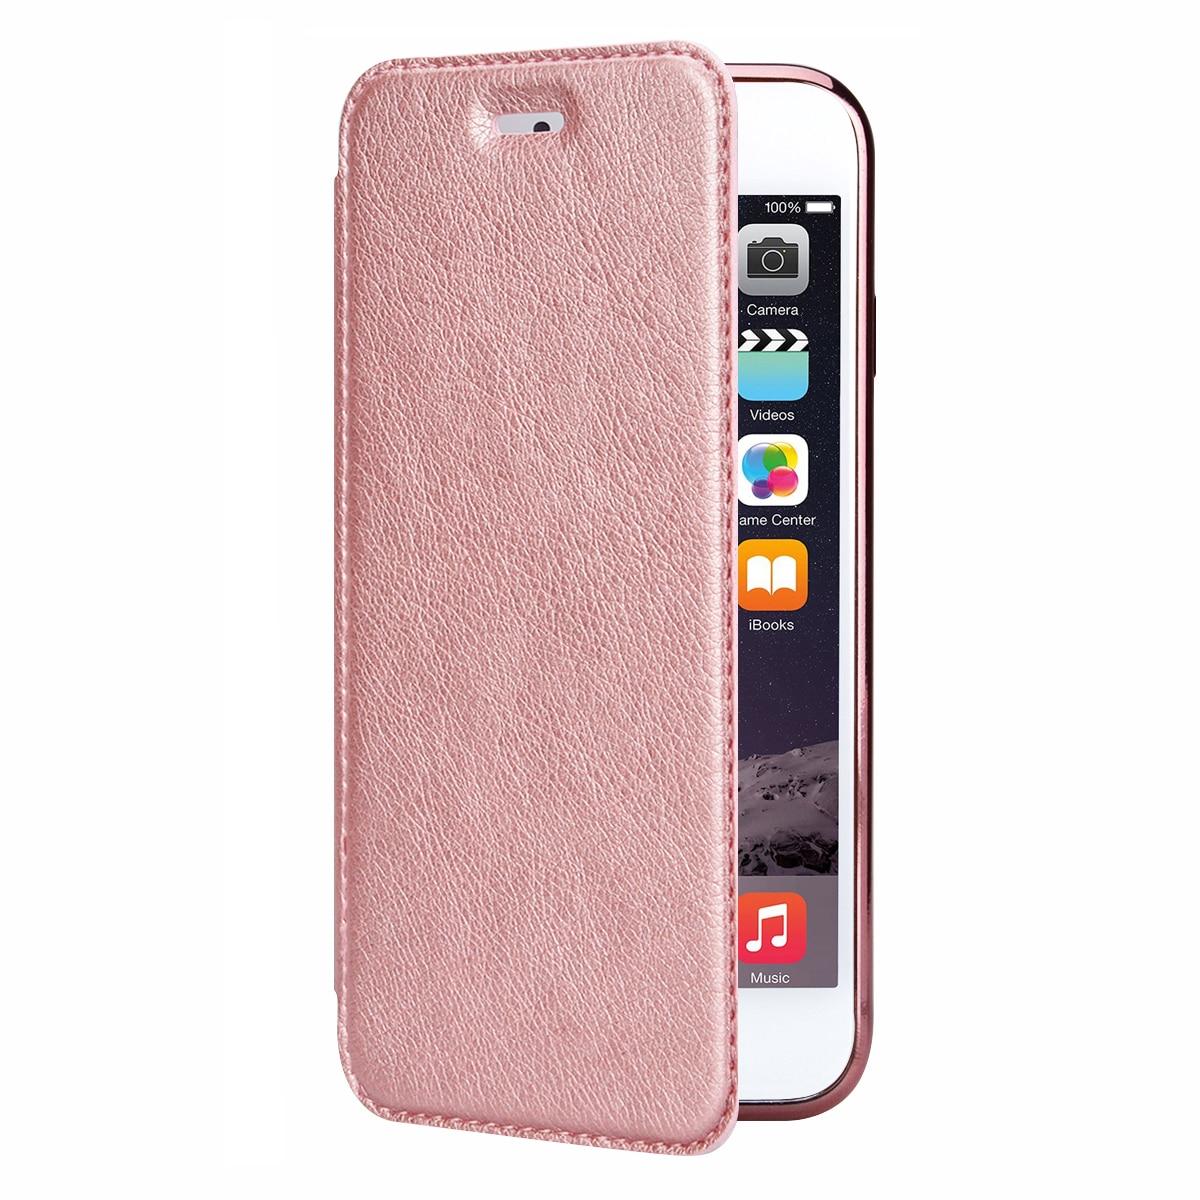 Funda de cuero PU de lujo para iPhone 5 5s SE 6 6s 7 Plus Funda para - Accesorios y repuestos para celulares - foto 3